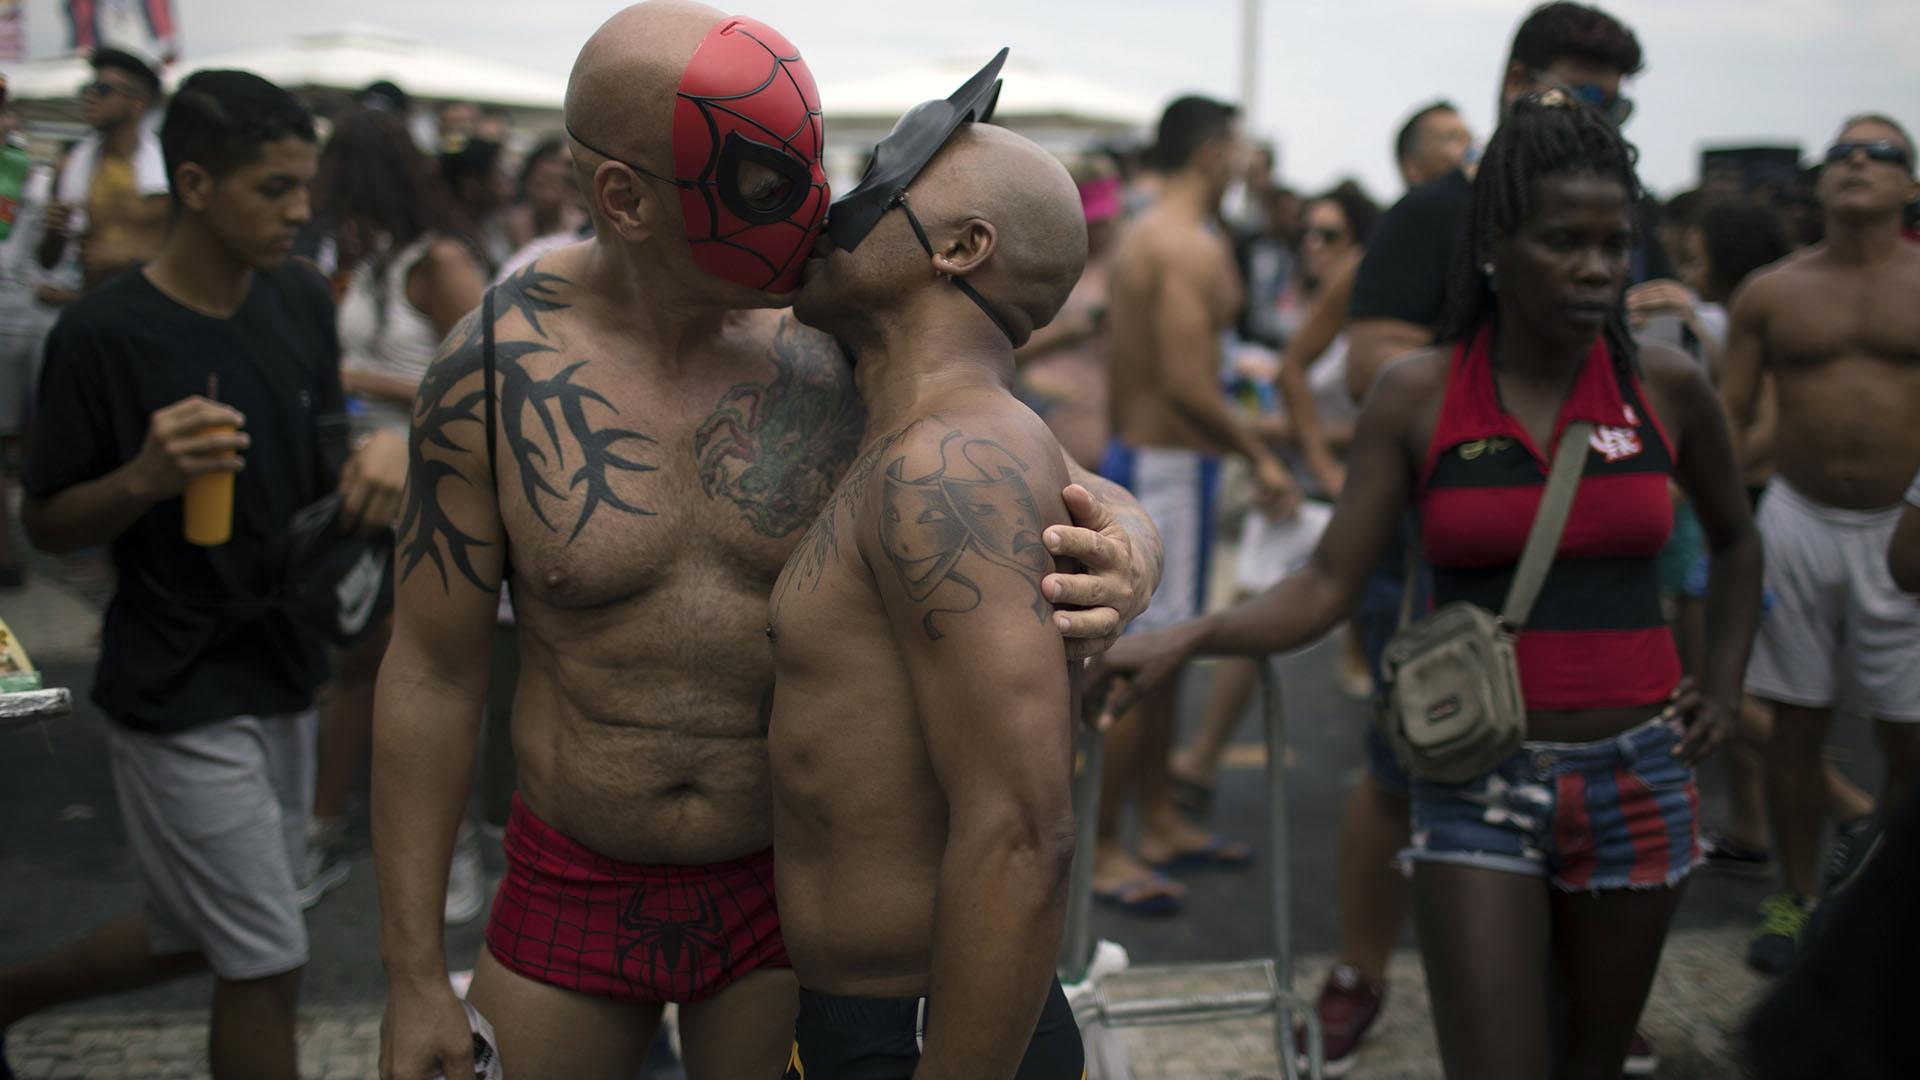 La manifestación congregó a decenas de miles de personas en la avenida Atlántica, que bordea la playa de Copacabana, y transcurrió en clima de fiesta pero con mensajes de claro contenido político y en defensa de los derechos de los homosexuales